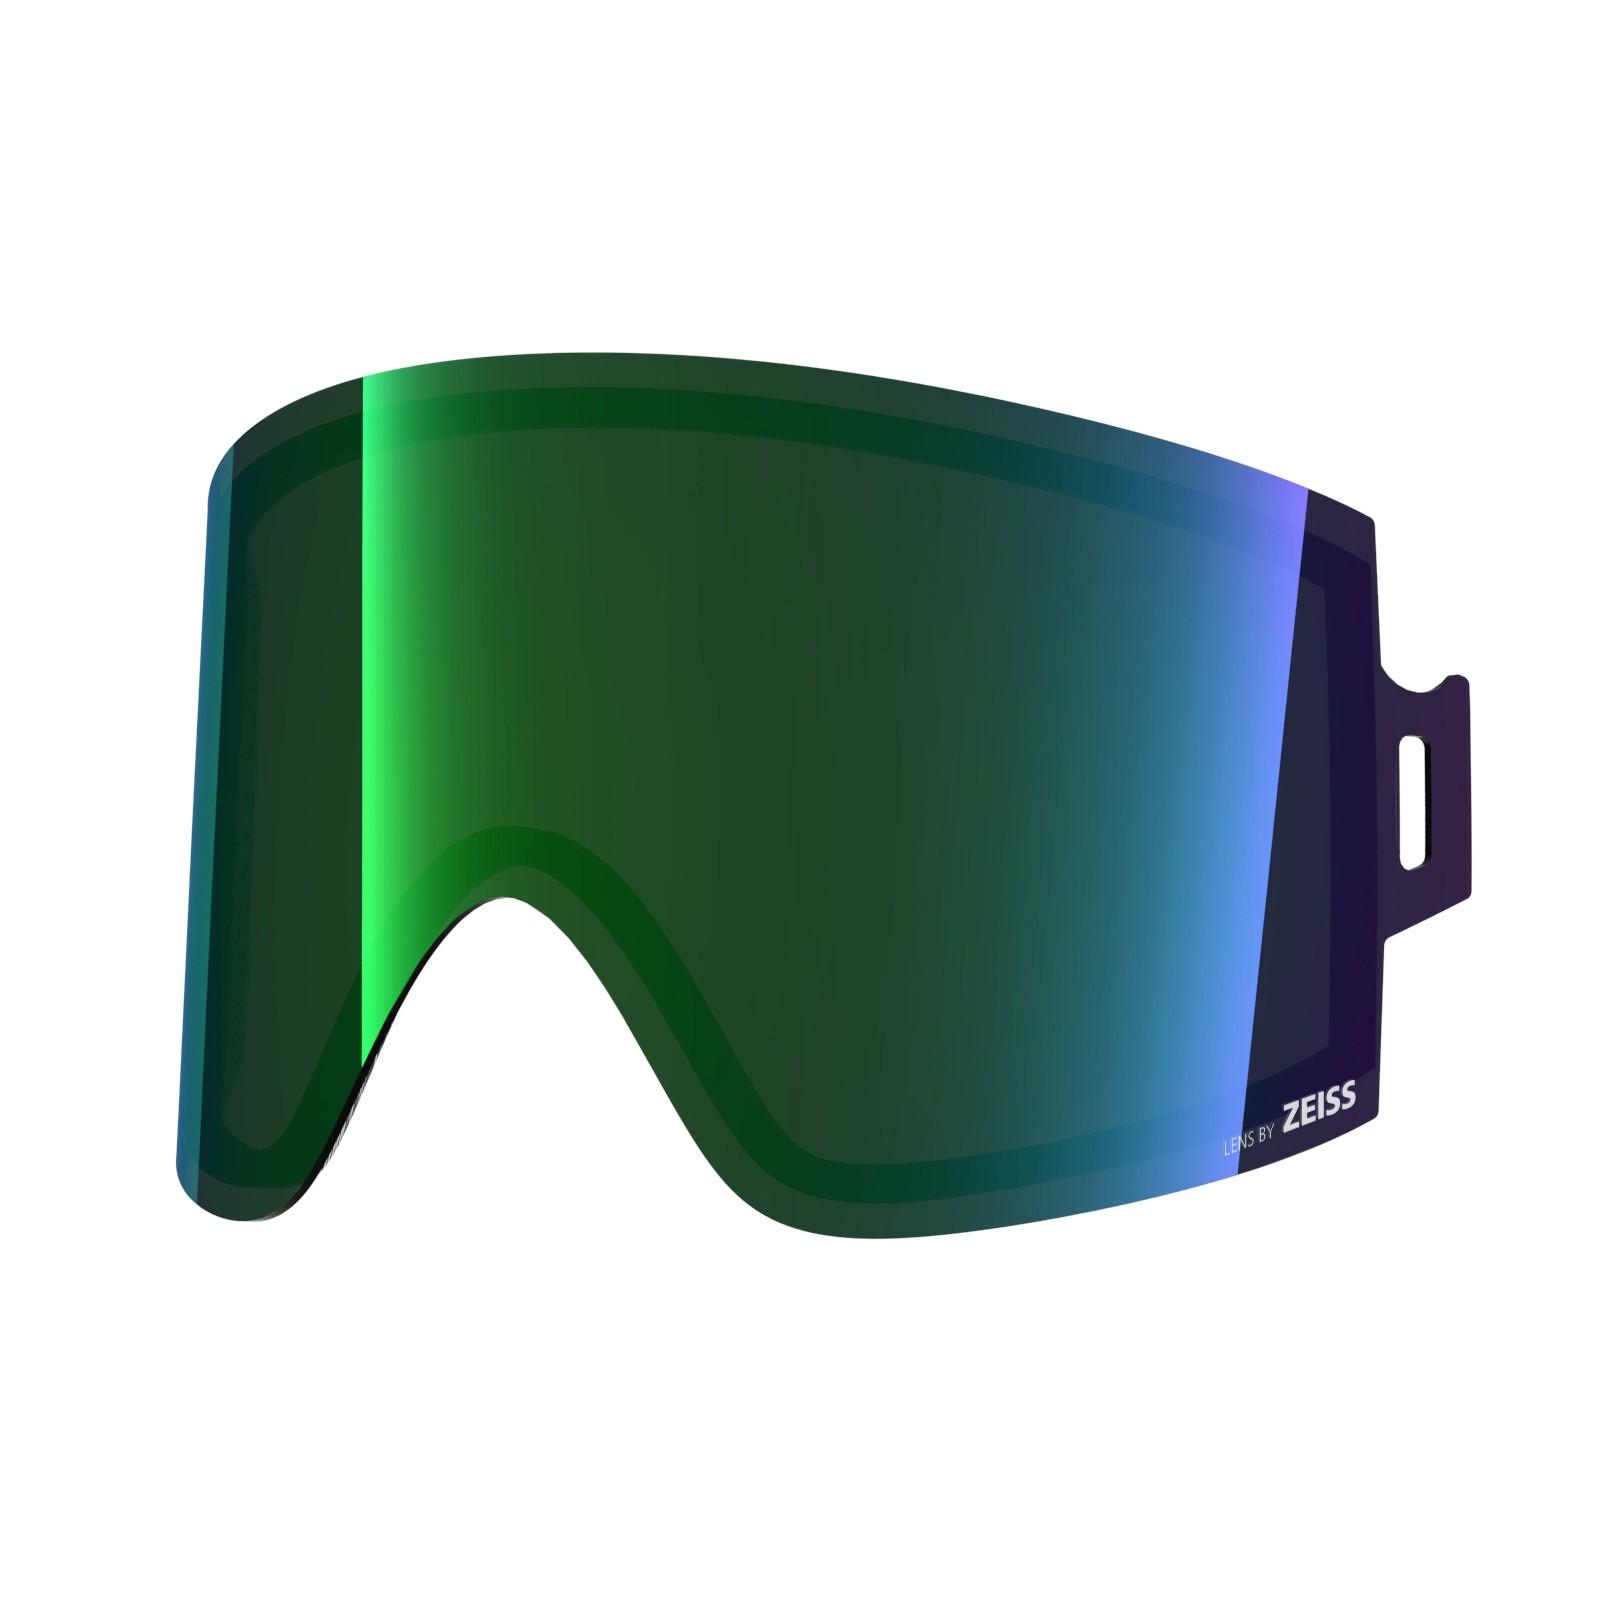 GREEN MCI lens for  Katana goggle